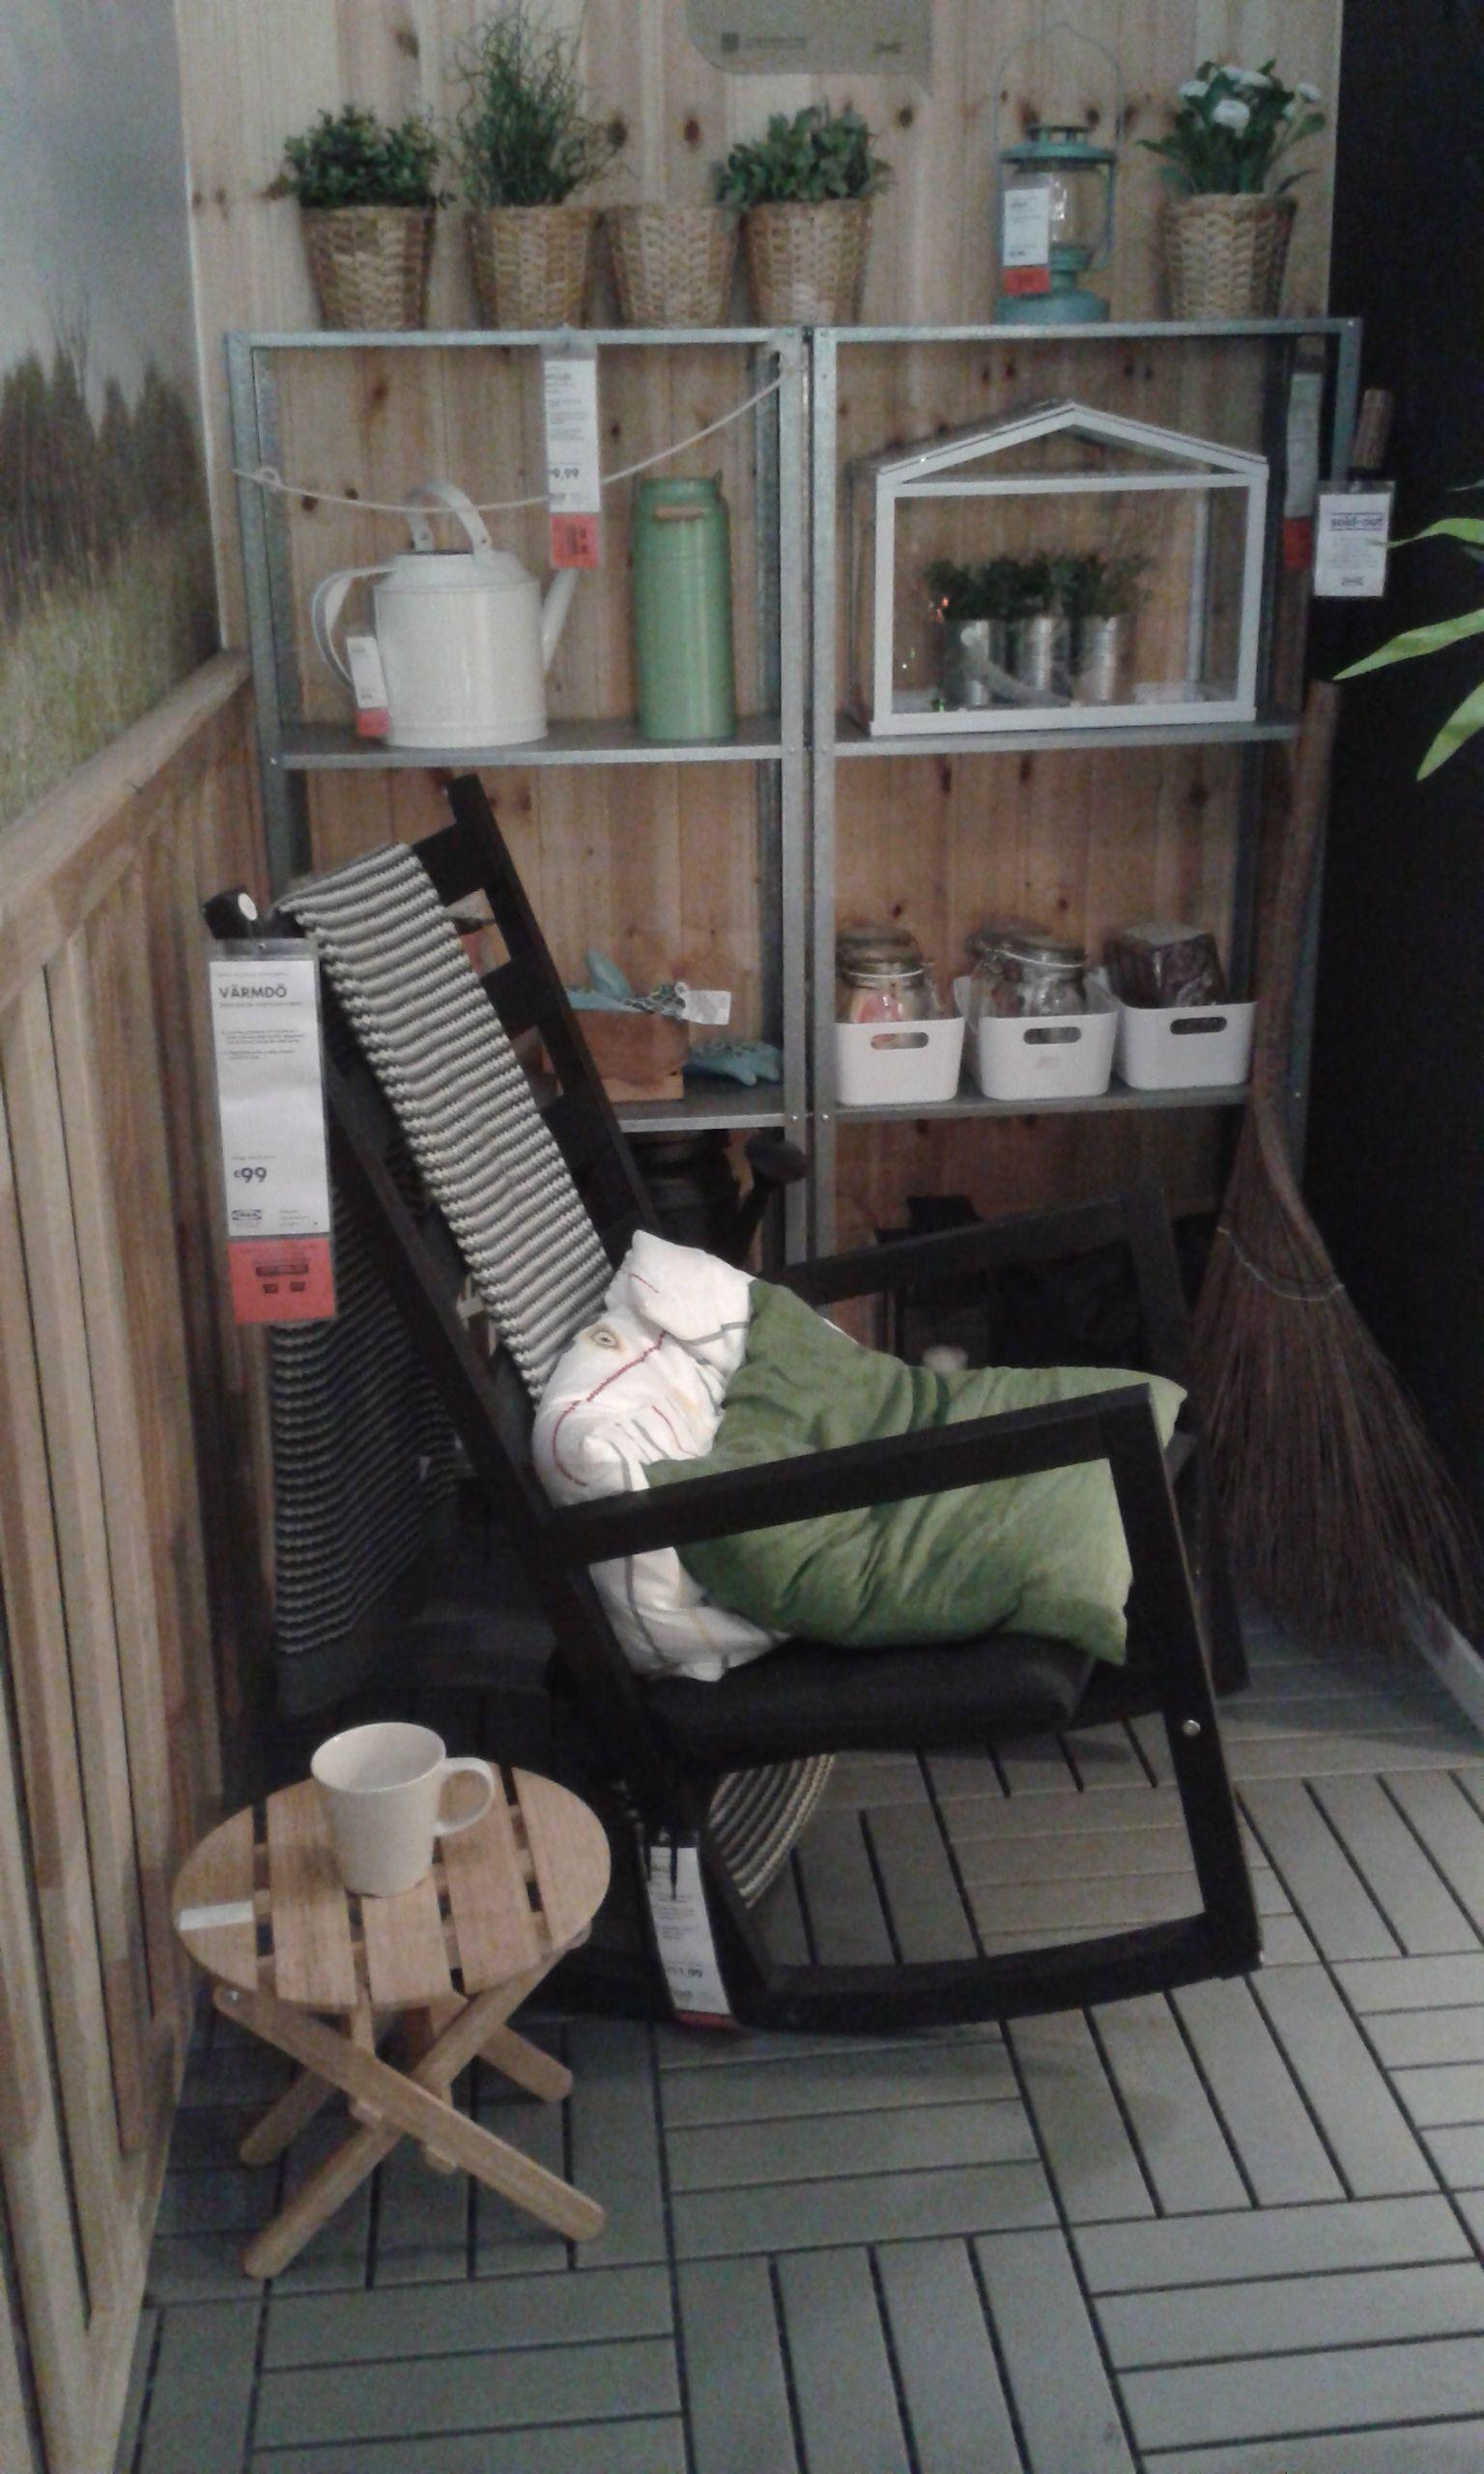 veranda e sedia a dondolo IKEA Sedia a dondolo, Ikea